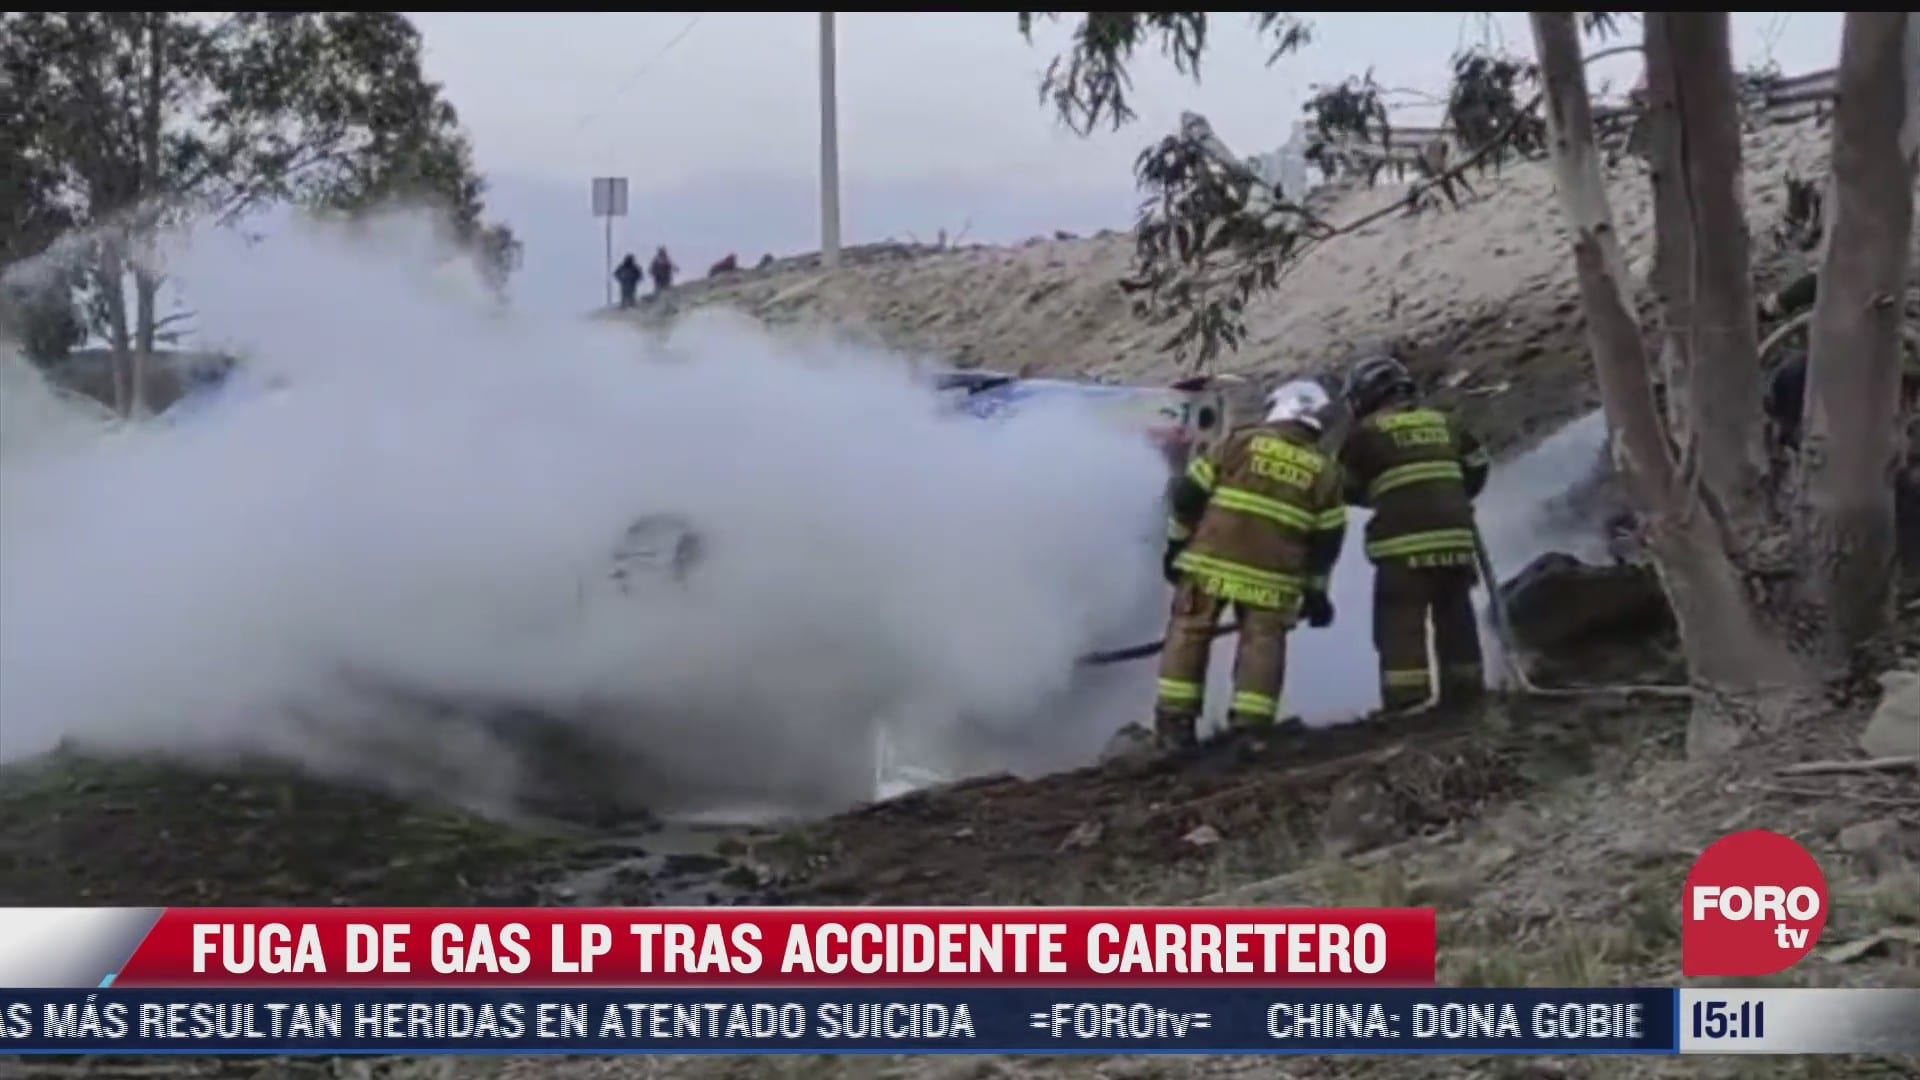 fuga de gas lp tras accidente en la mexico veracruz